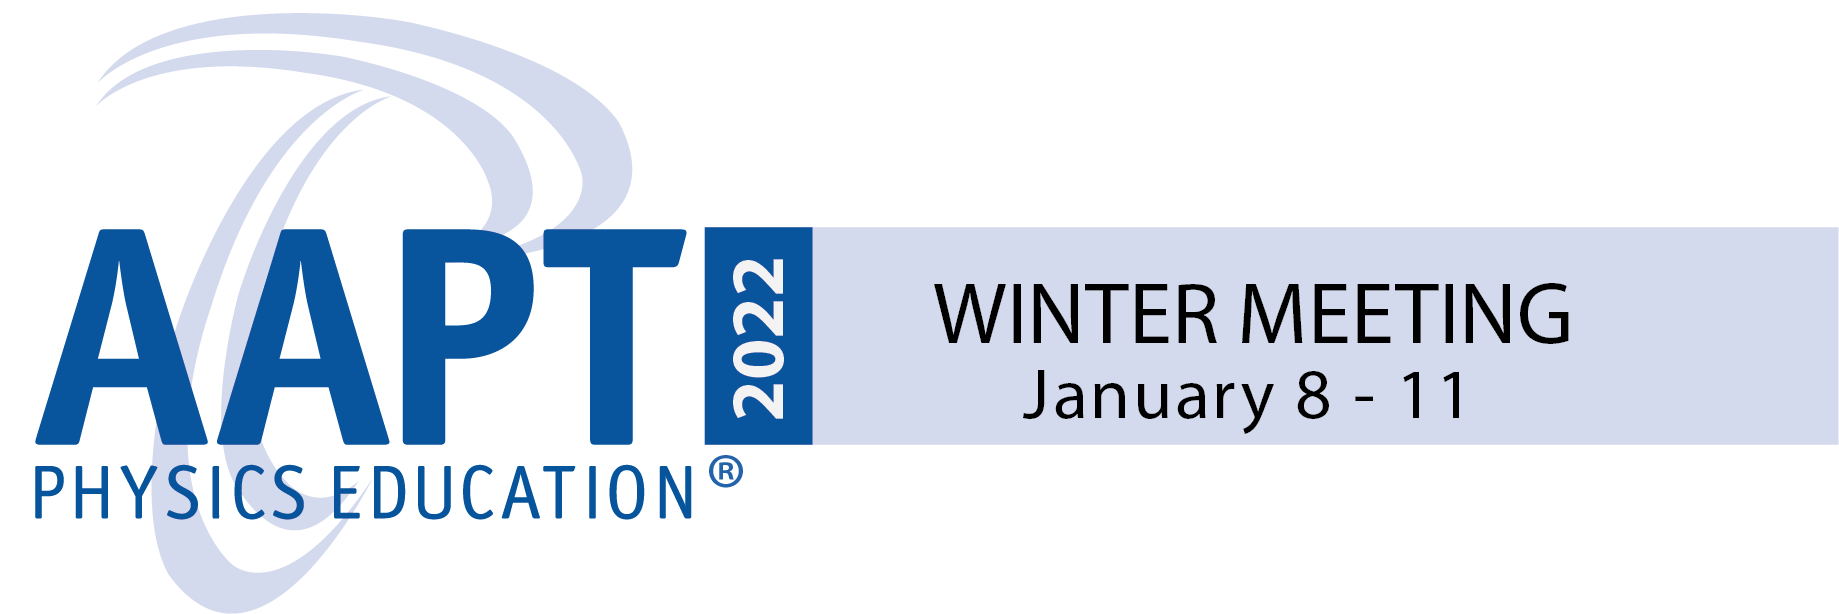 AAPT Winter Meeting 2022